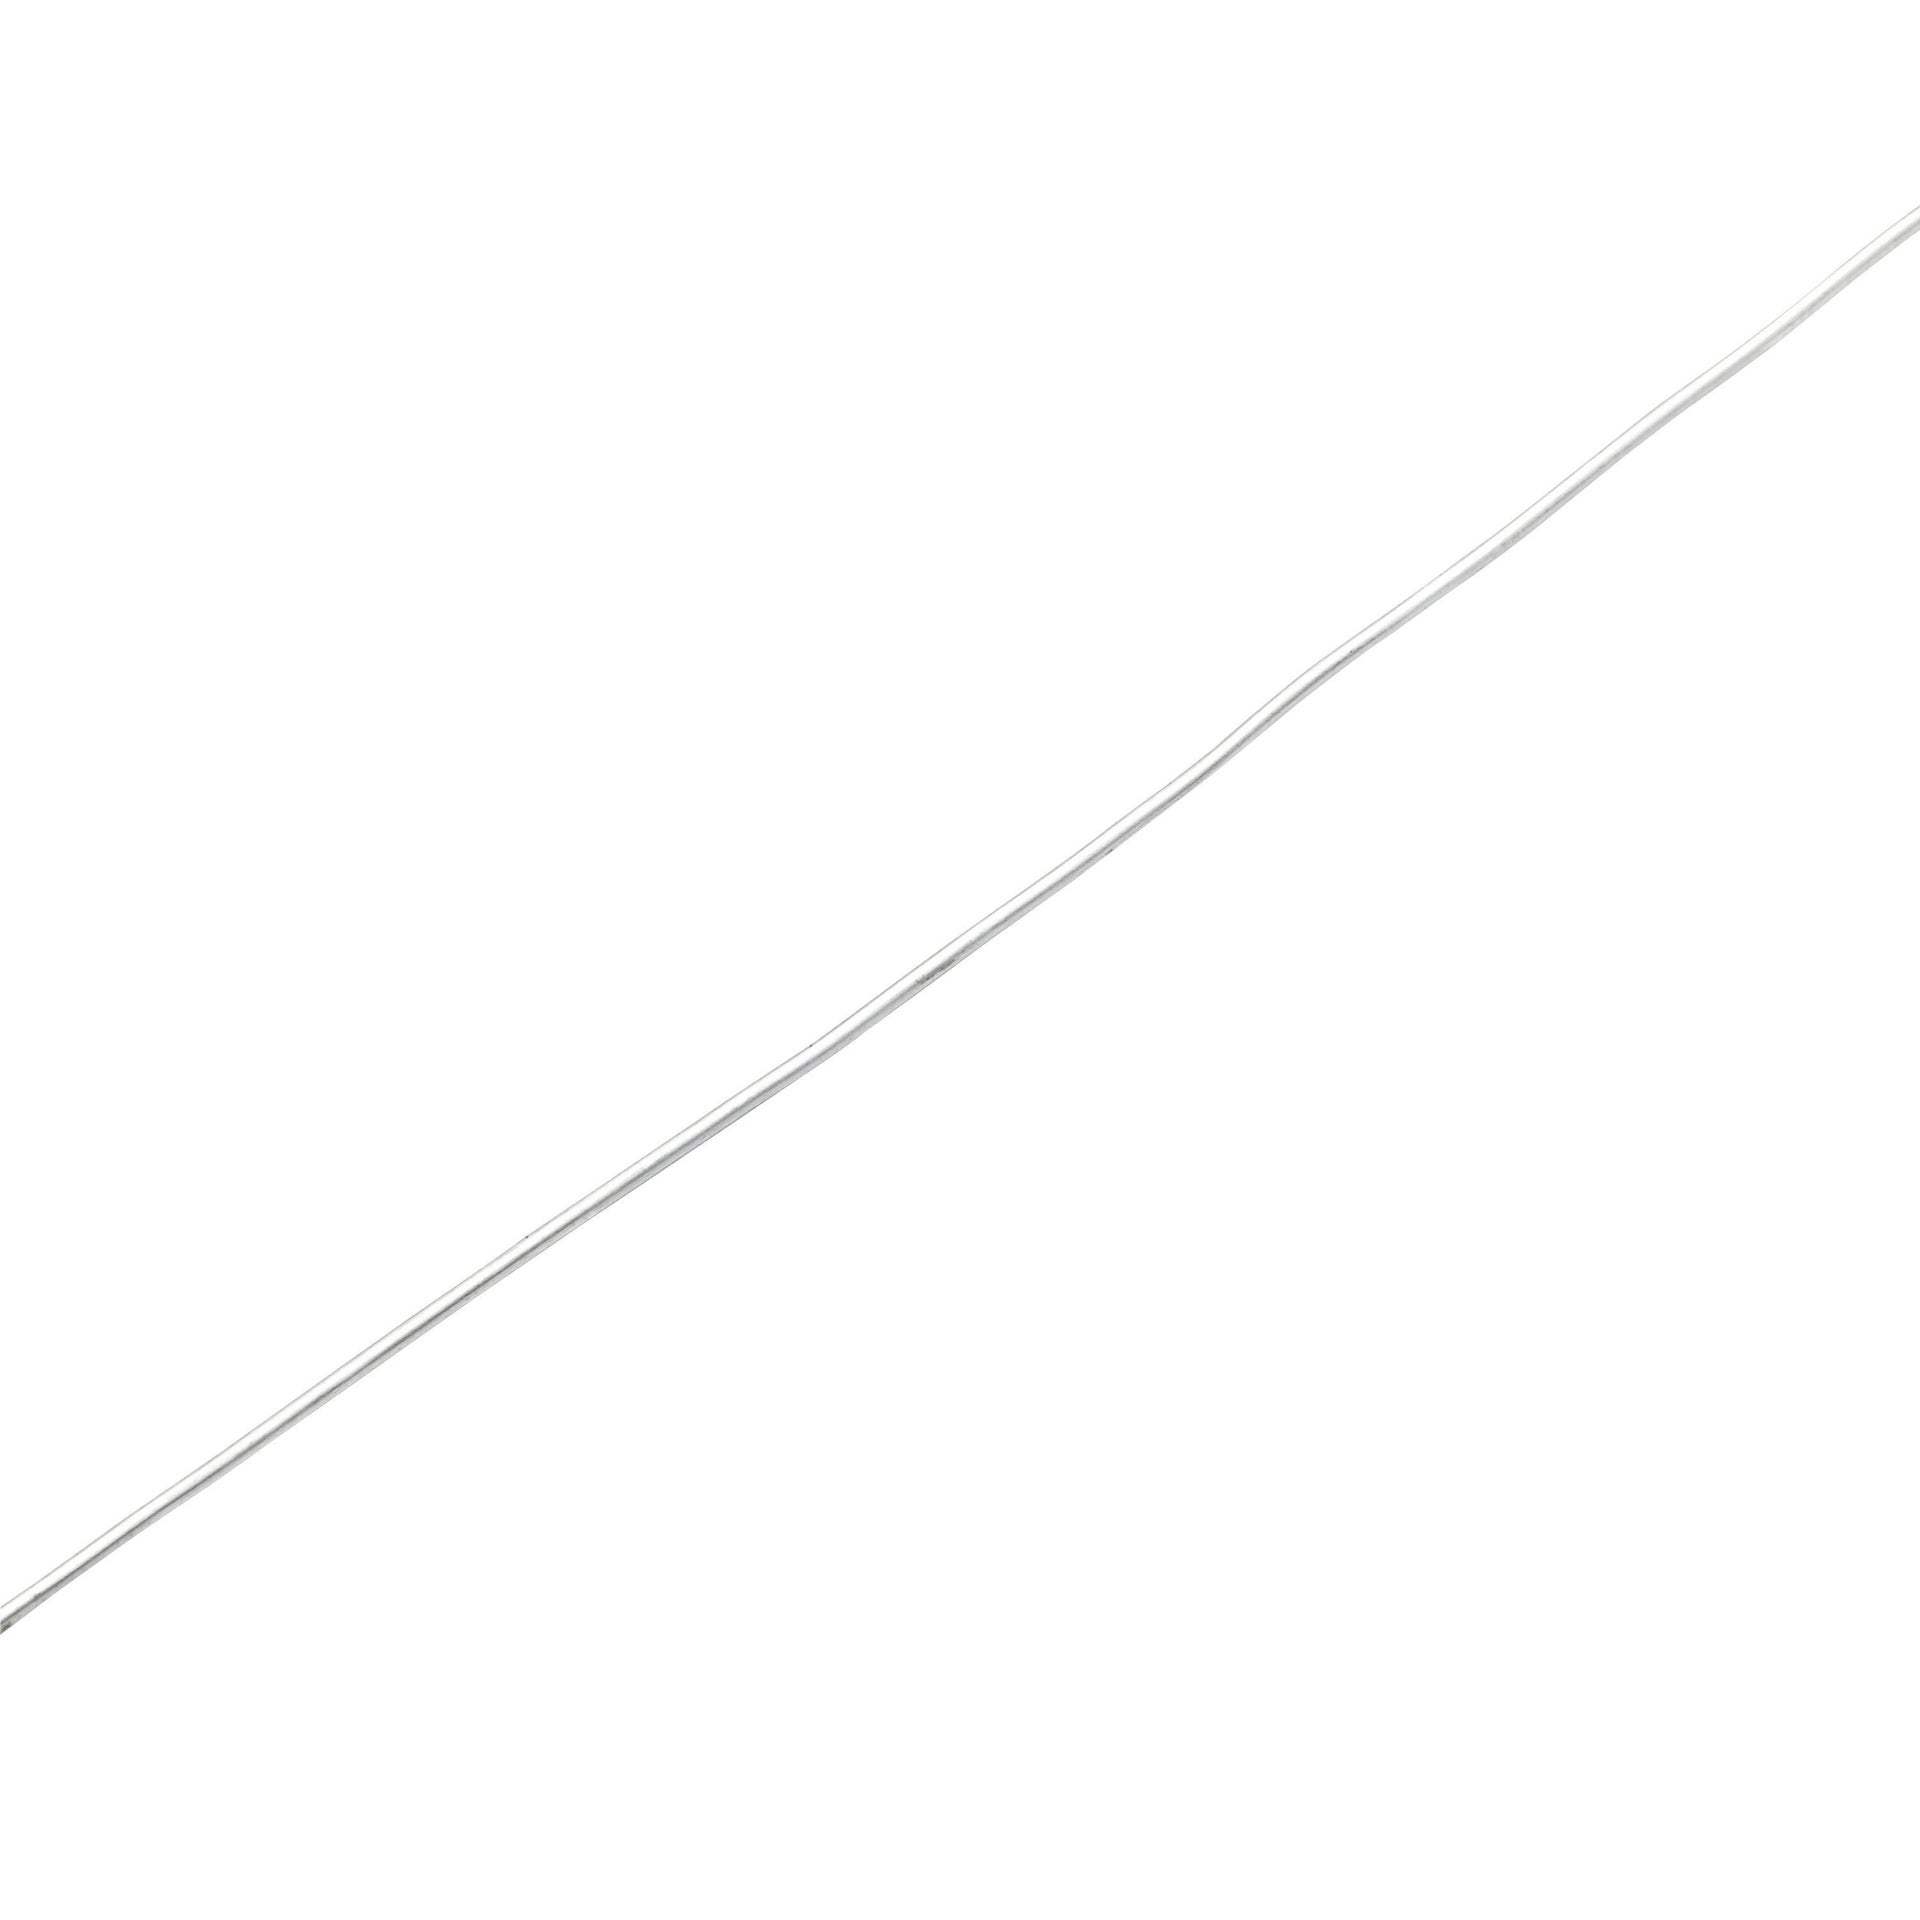 Filo in acciaio STANDERS Ø 0.9 mm x L 50 m - 5